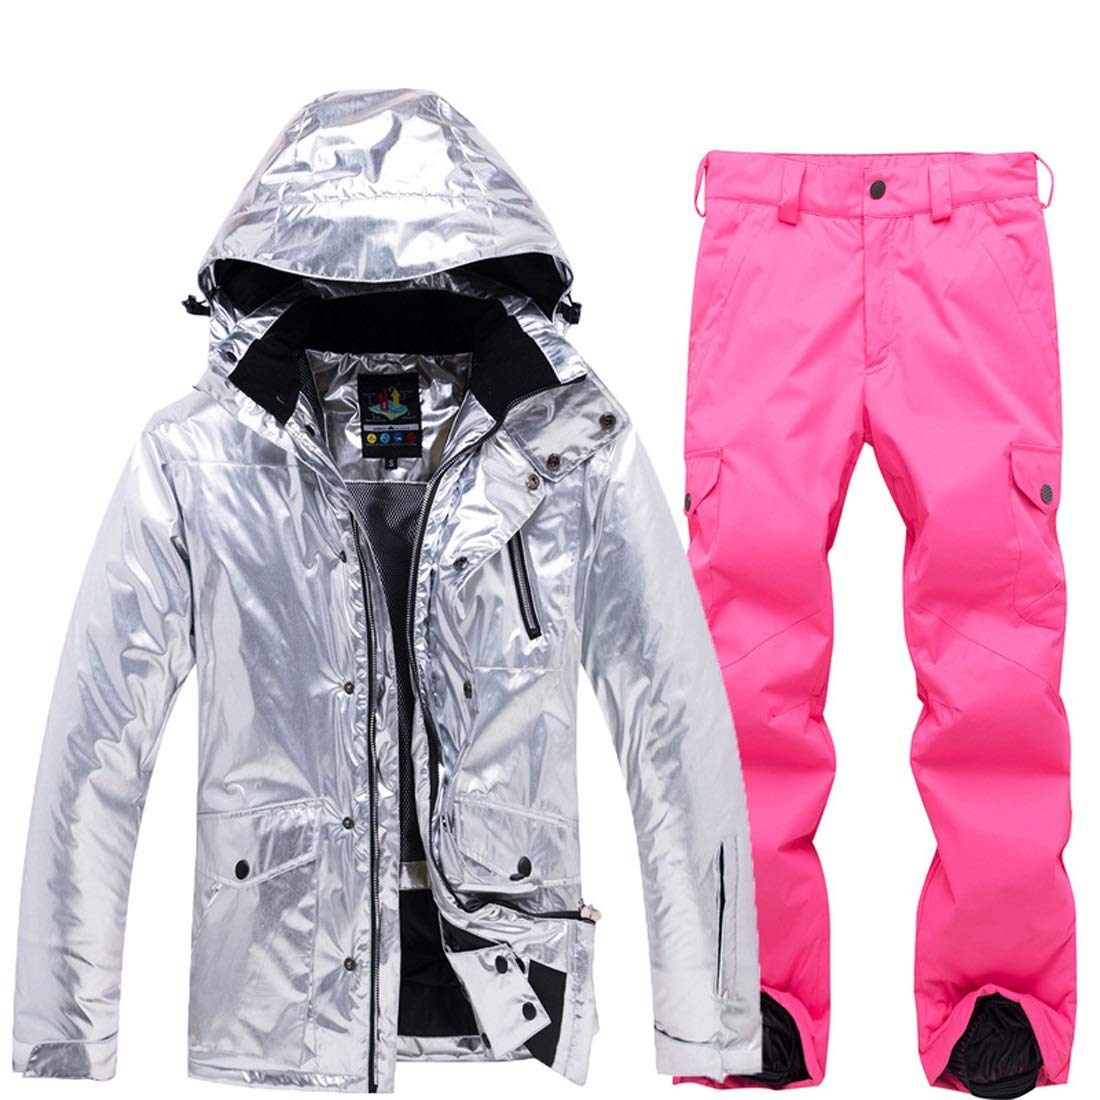 ALICESHOP 女性のスキー スーツ スノーボード防水防風スノー ジャケットとパンツ雨雪屋外ハイキングS-XL (色 : ピンク, サイズ : S) ピンク Small